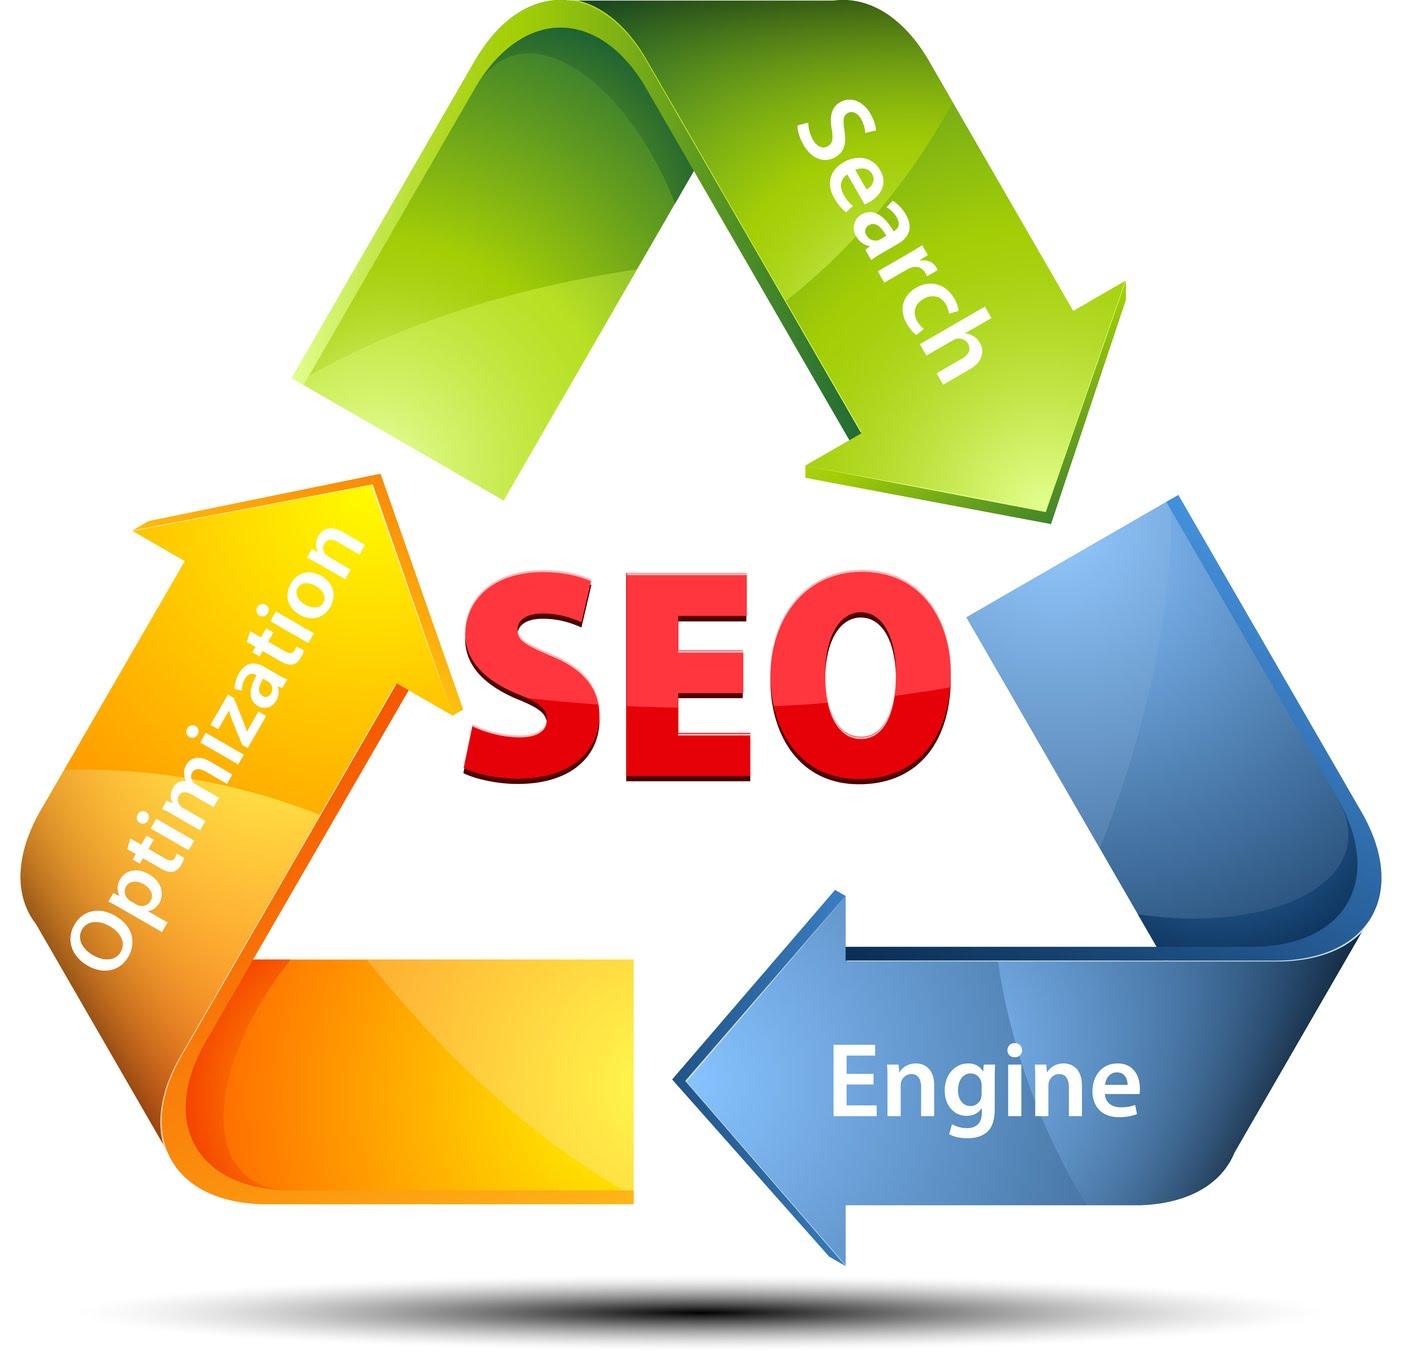 Posizionamento Google Consulenza SEO SEM Specialist TeramoEsperto - Web Marketing